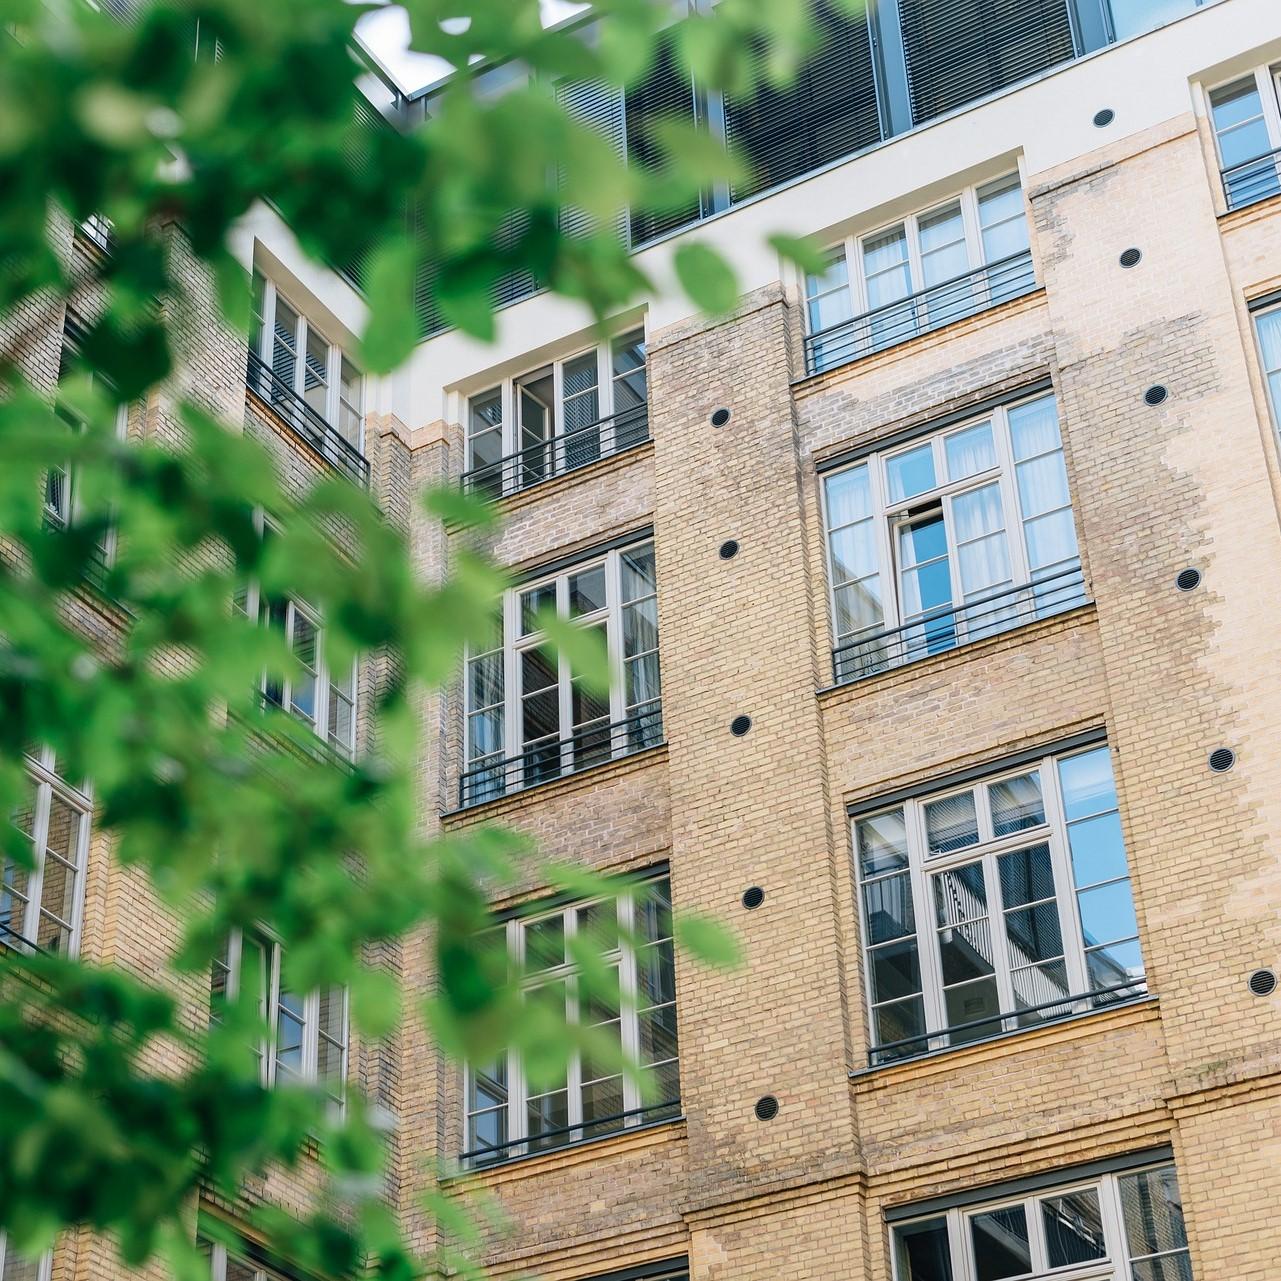 Photographie d'un immeuble avec en premier plan les feuilles d'un arbre